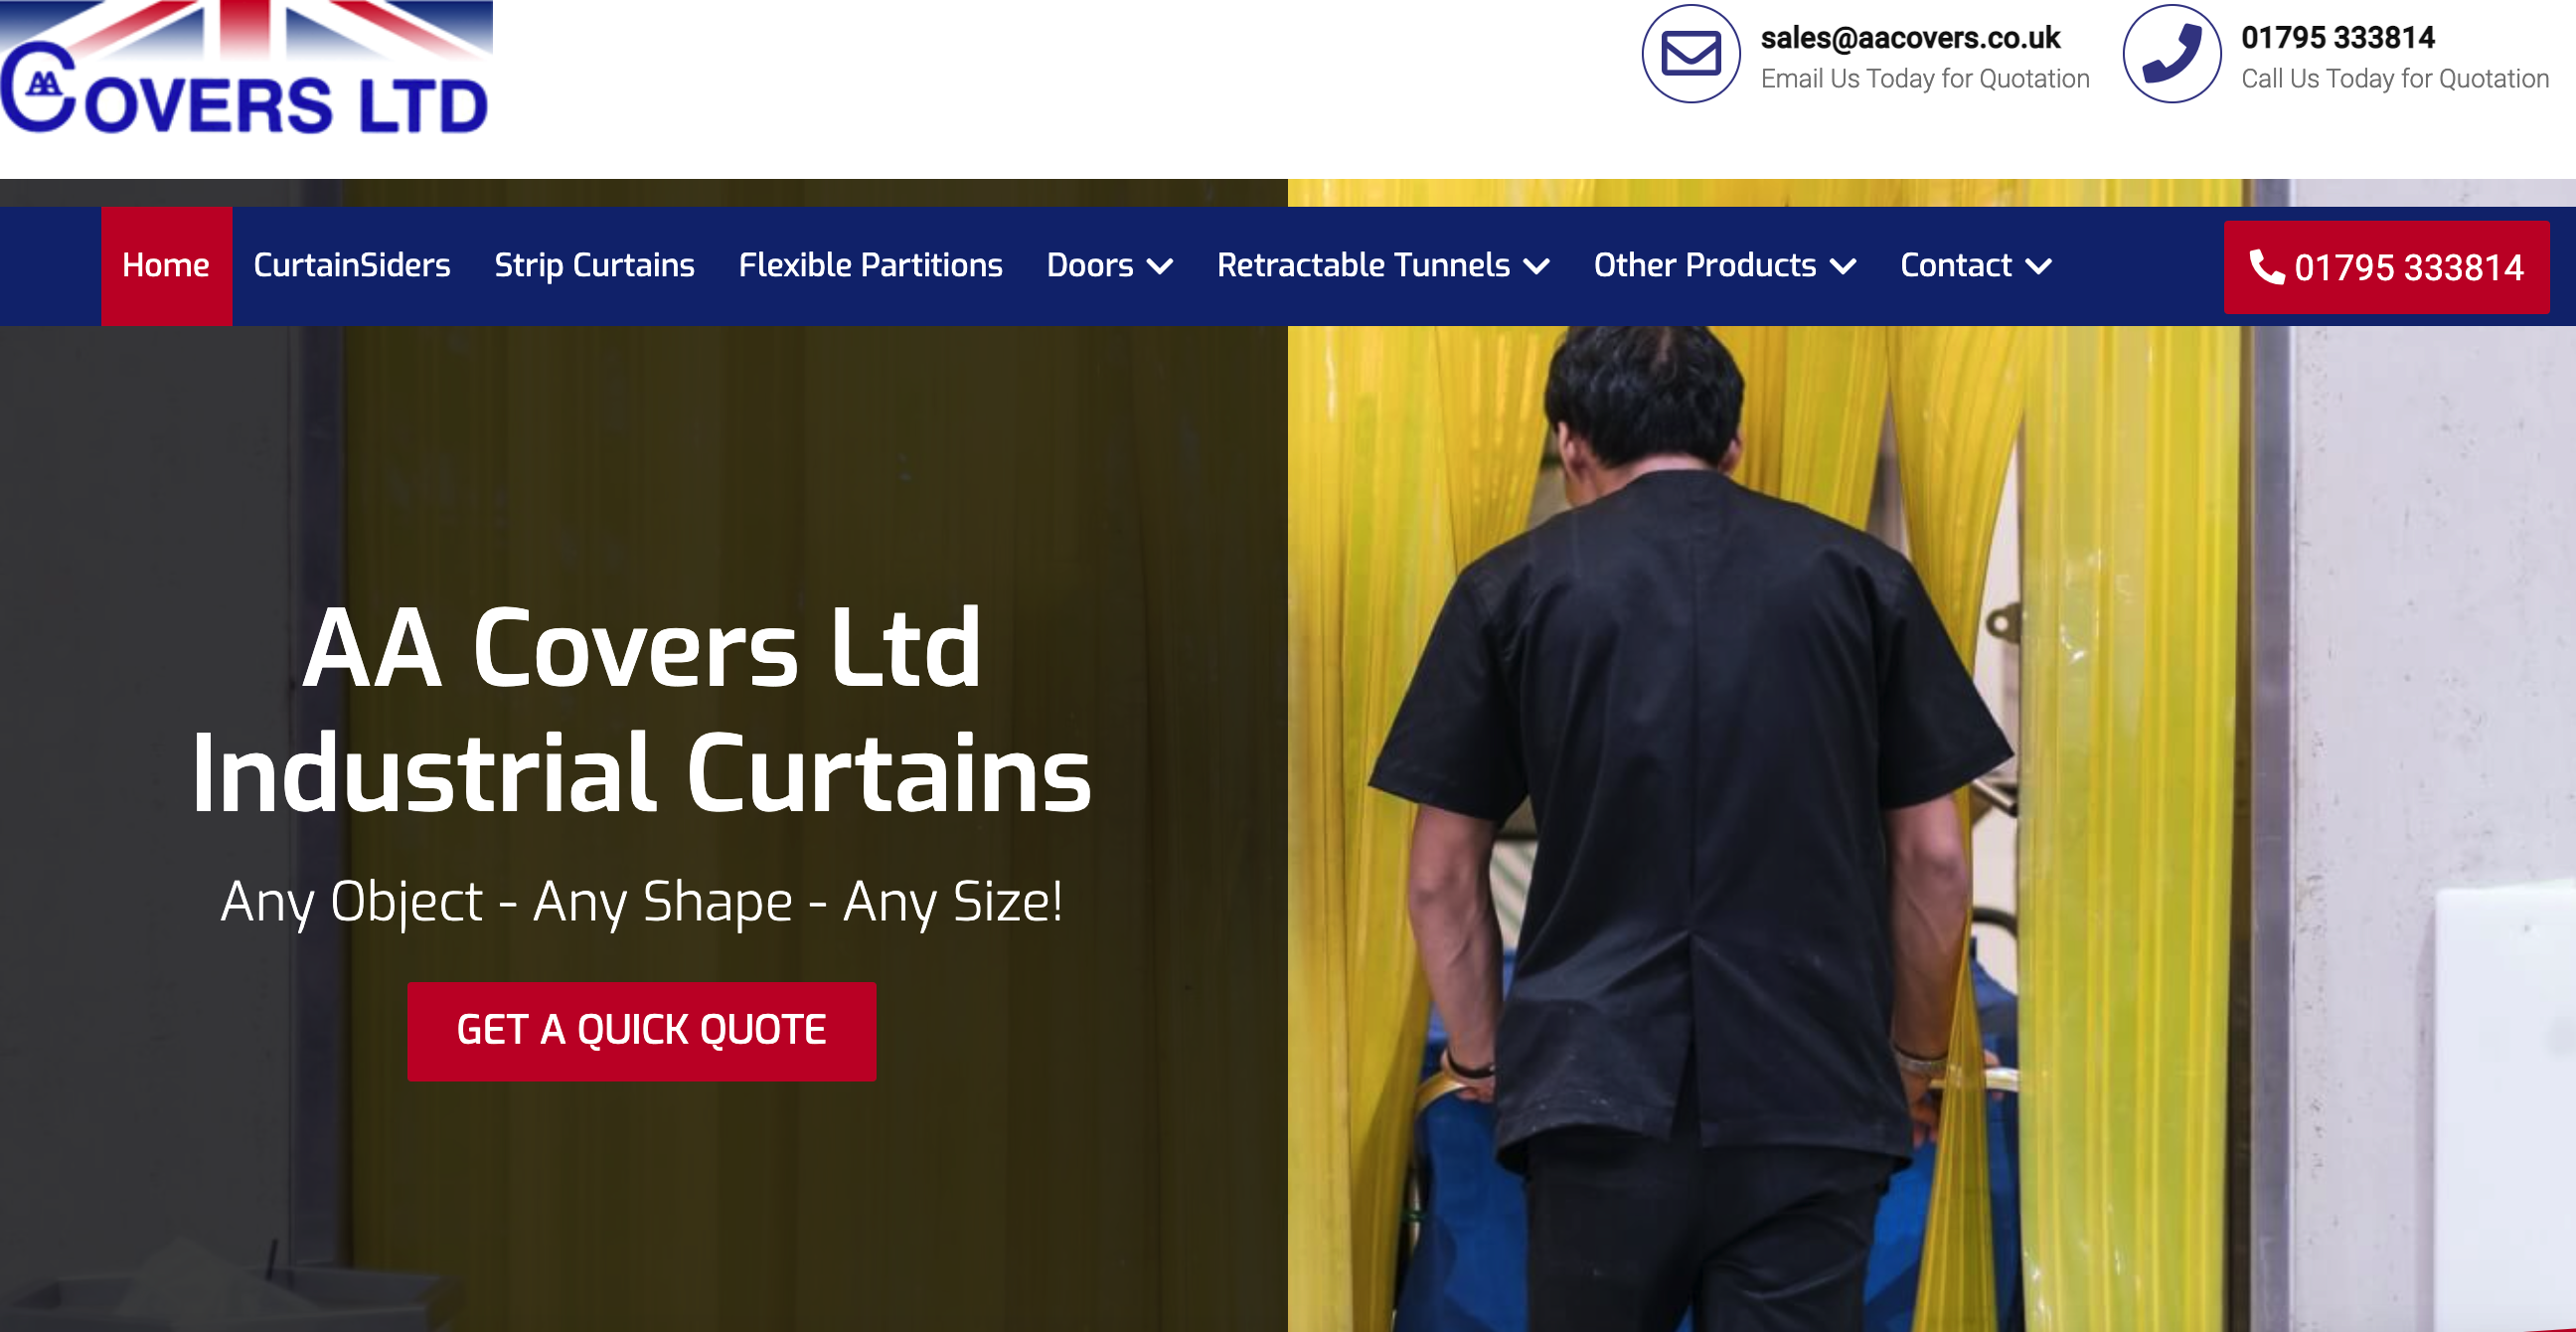 AA Covers Ltd